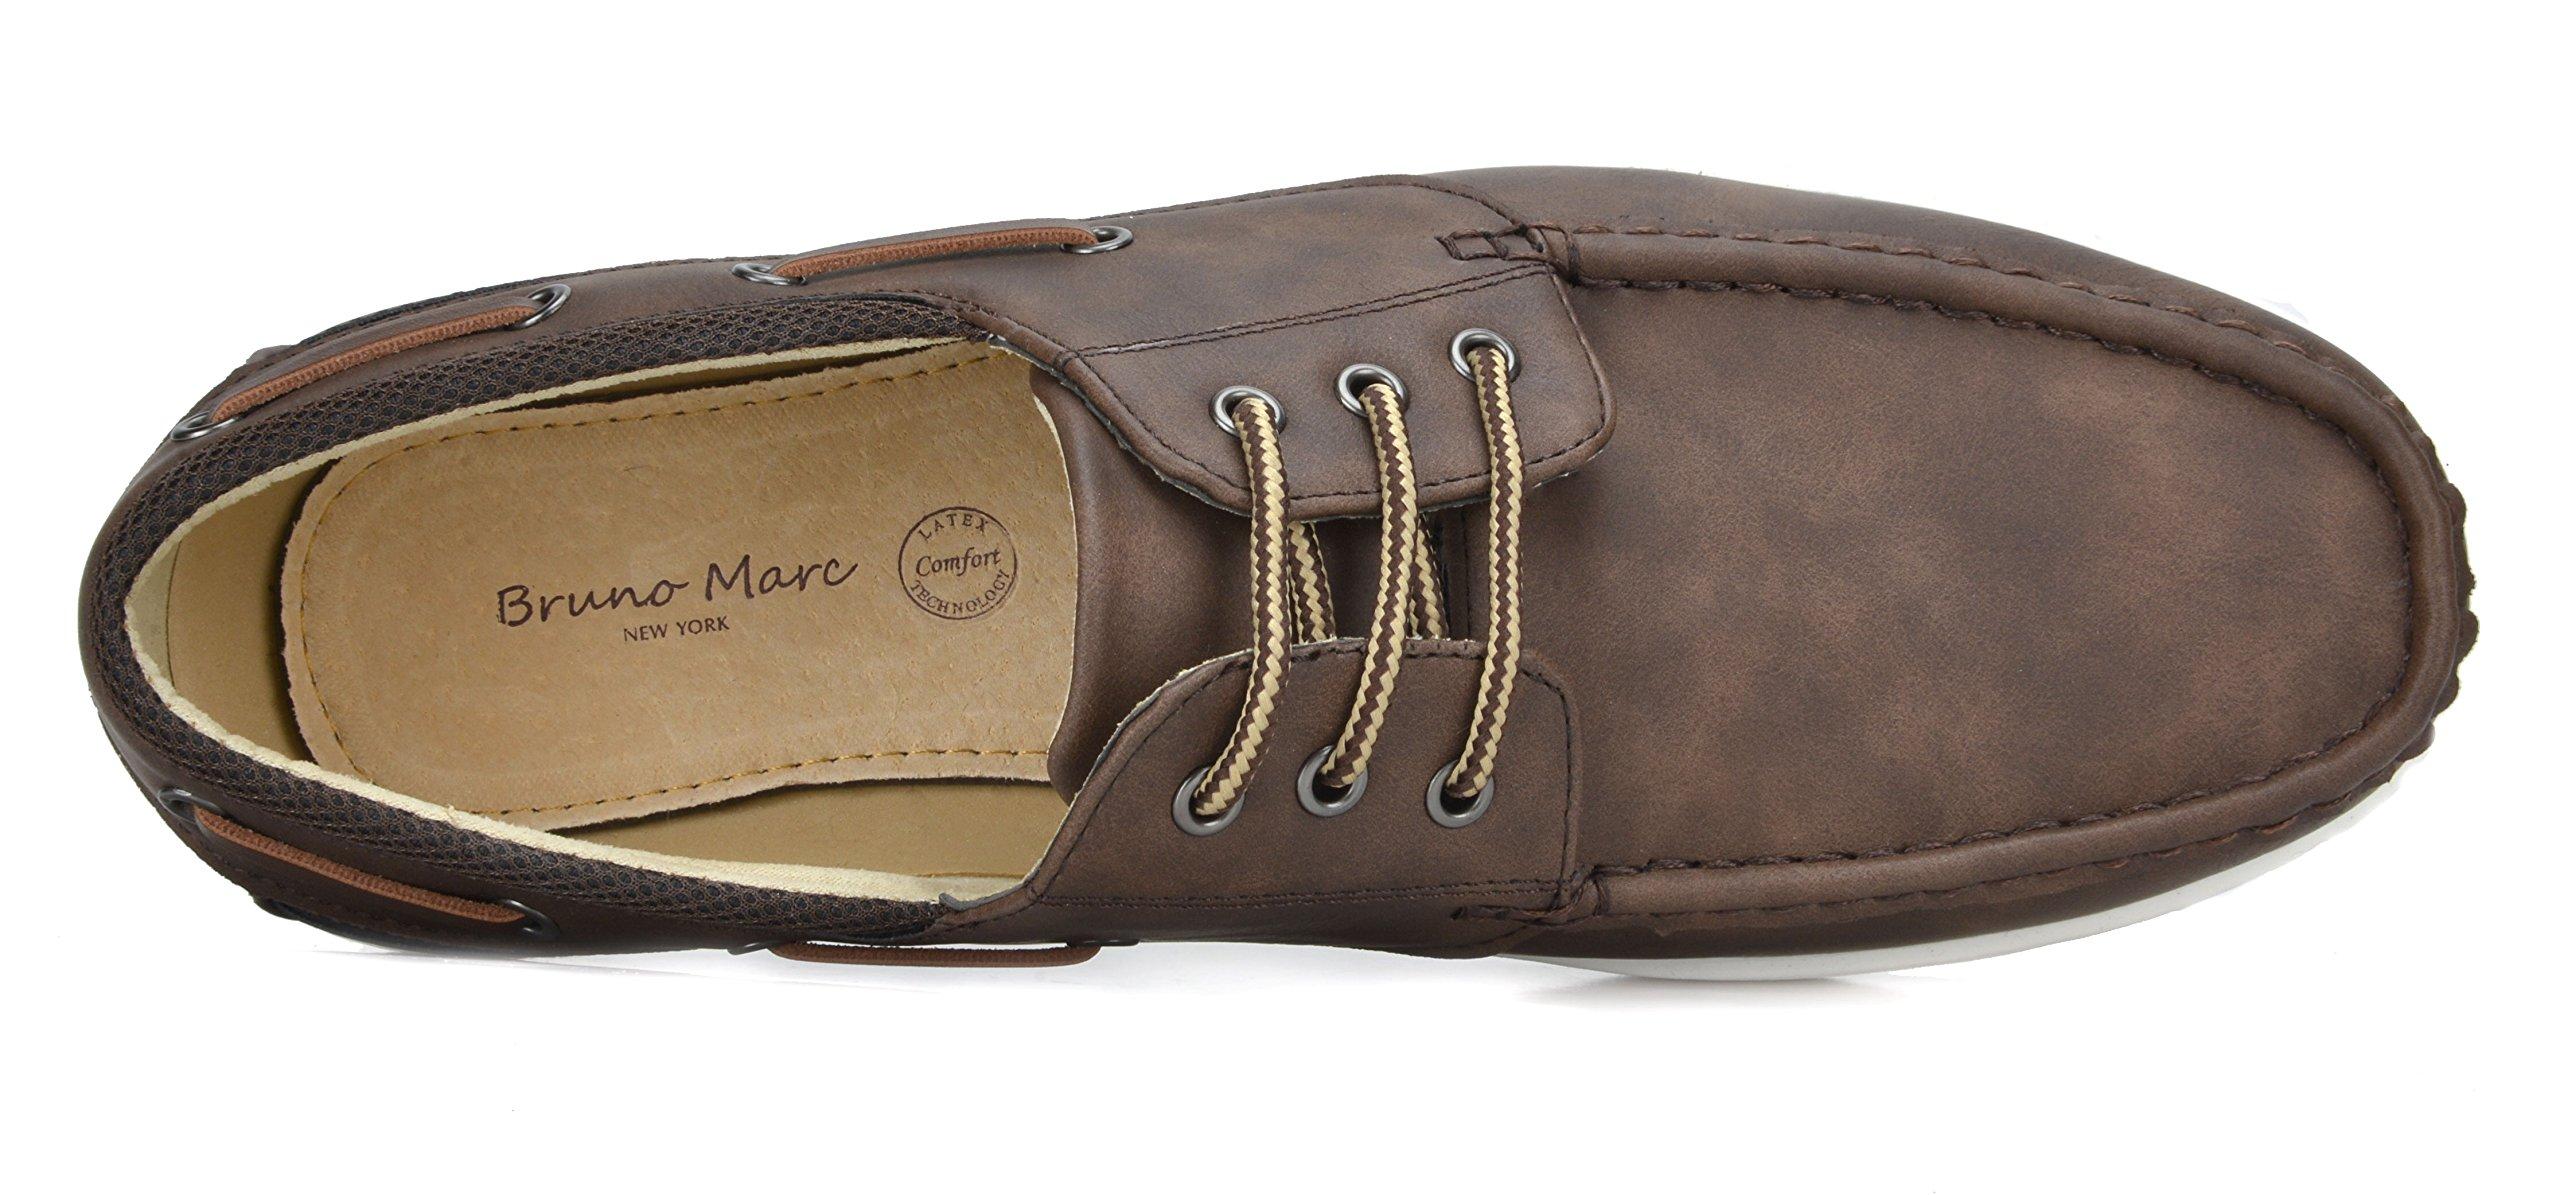 Bruno Marc Men's Pitts_16 DK.BRN/DK.BRN Oxfords Moccasins Boat Shoes Size 11 by Bruno Marc (Image #4)